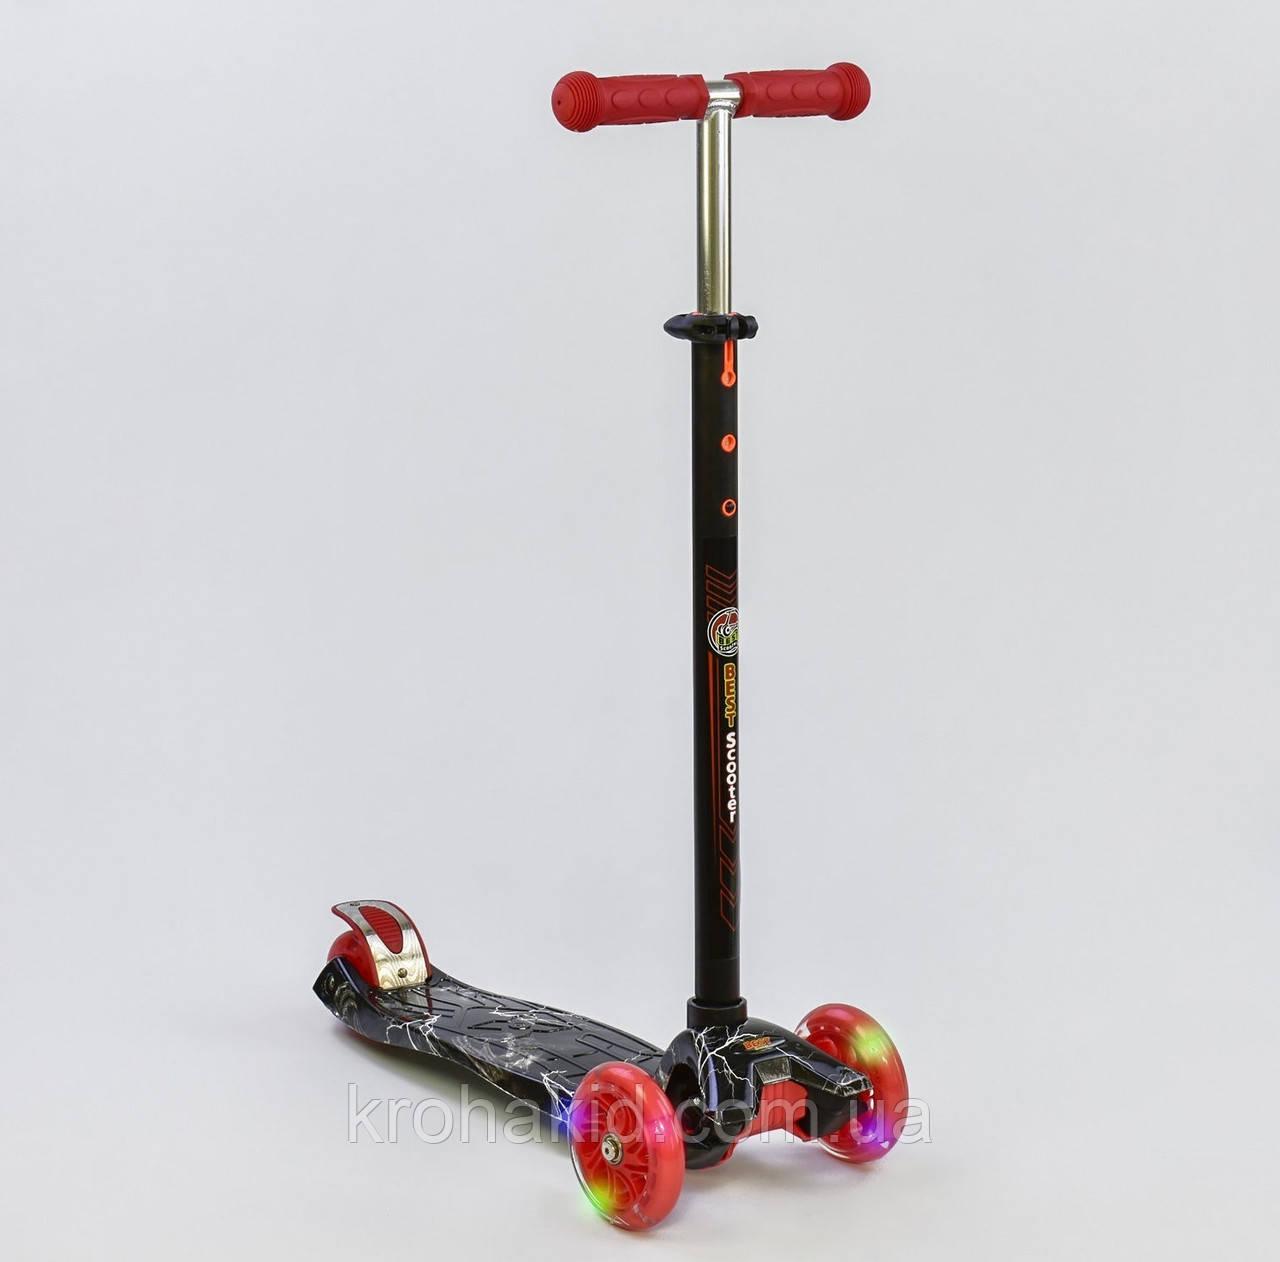 """Самокат А 25463 /779-1318 MAXI """"Best Scooter""""  4 колеса PU, СВЕТ, трубка руля алюминиевая, d=12 см."""